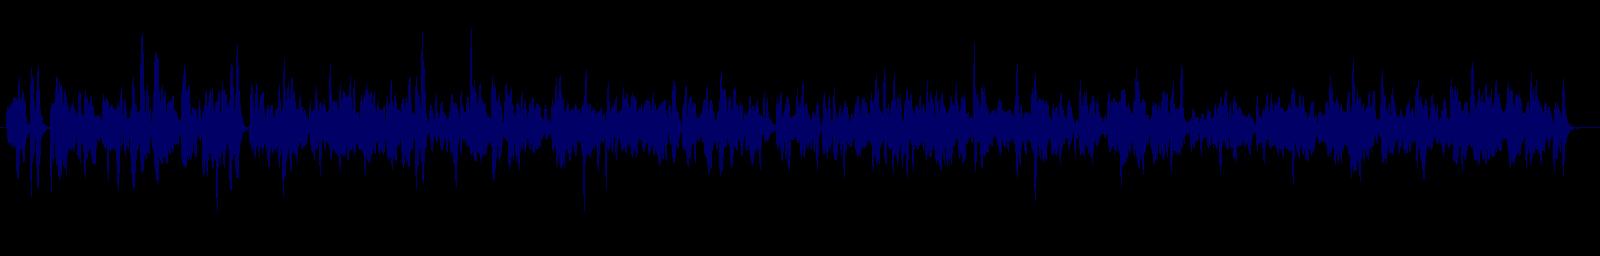 waveform of track #159104